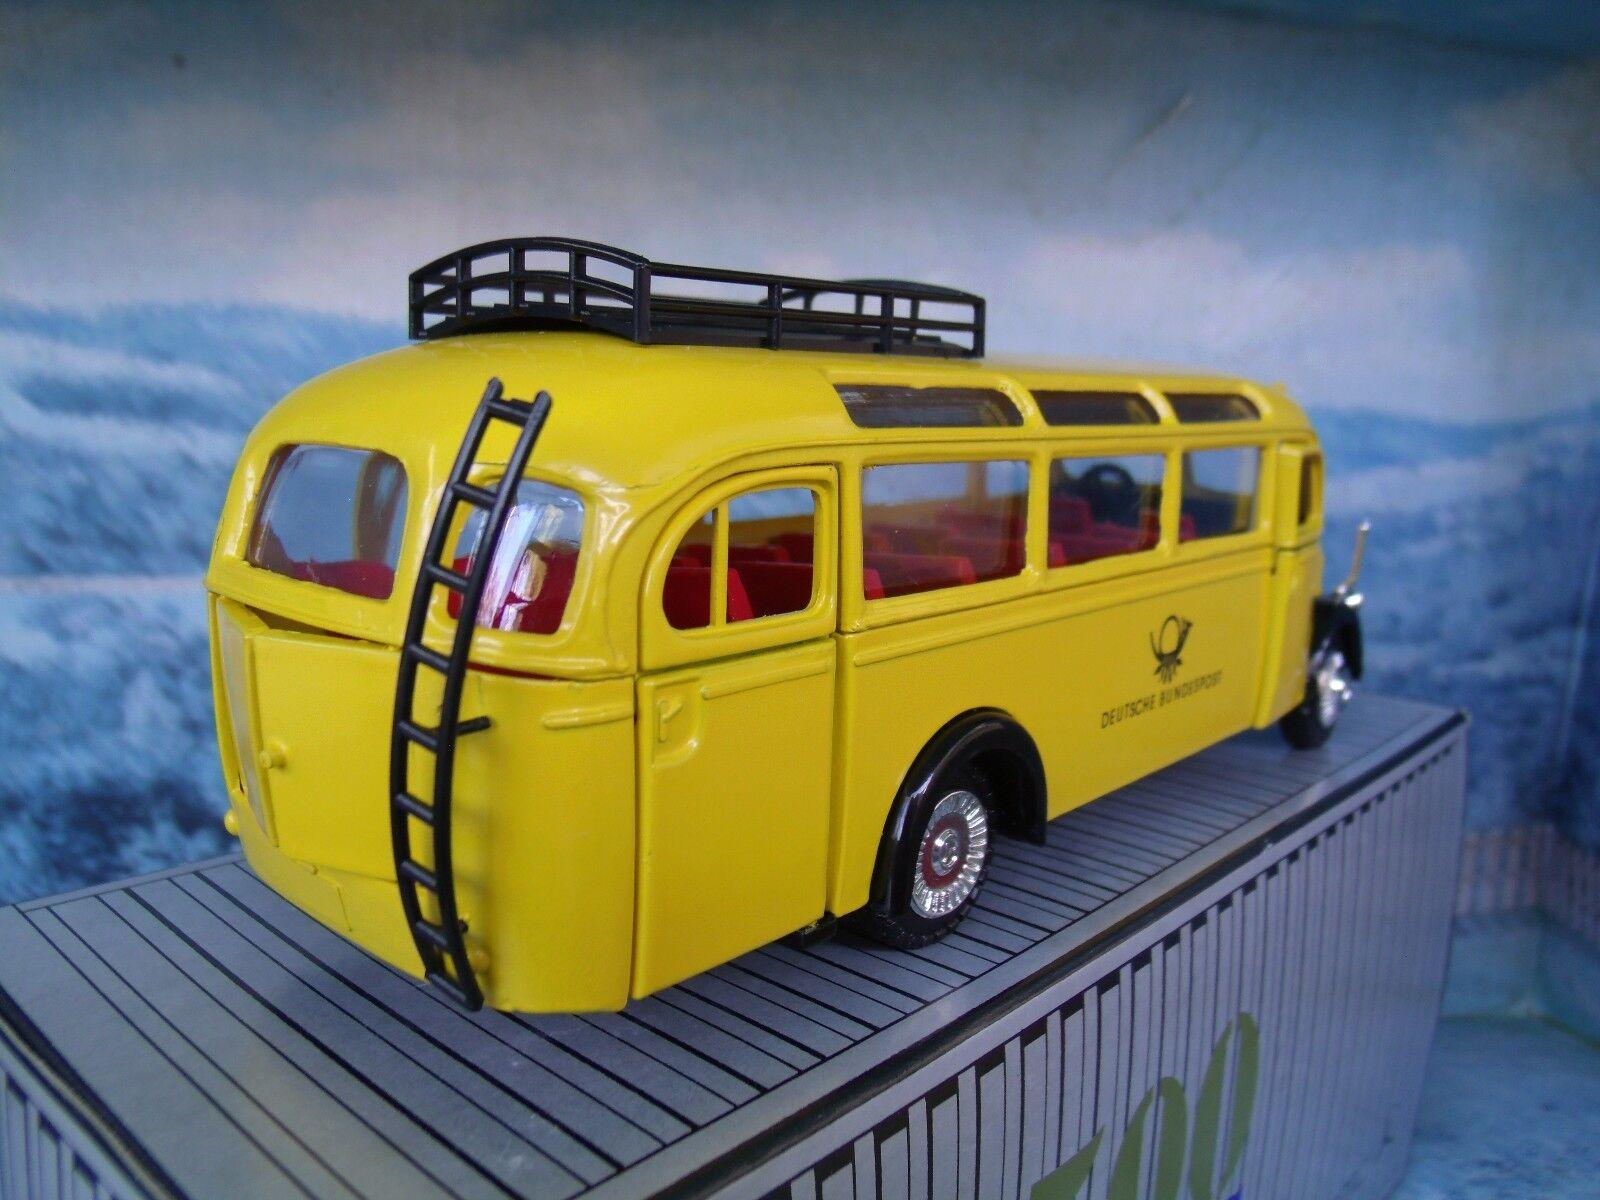 1 40 NZG (Germany) No.218 No.218 No.218 Mercedes Benz Omnibus O 3500 1949 Germany post 44bd1e